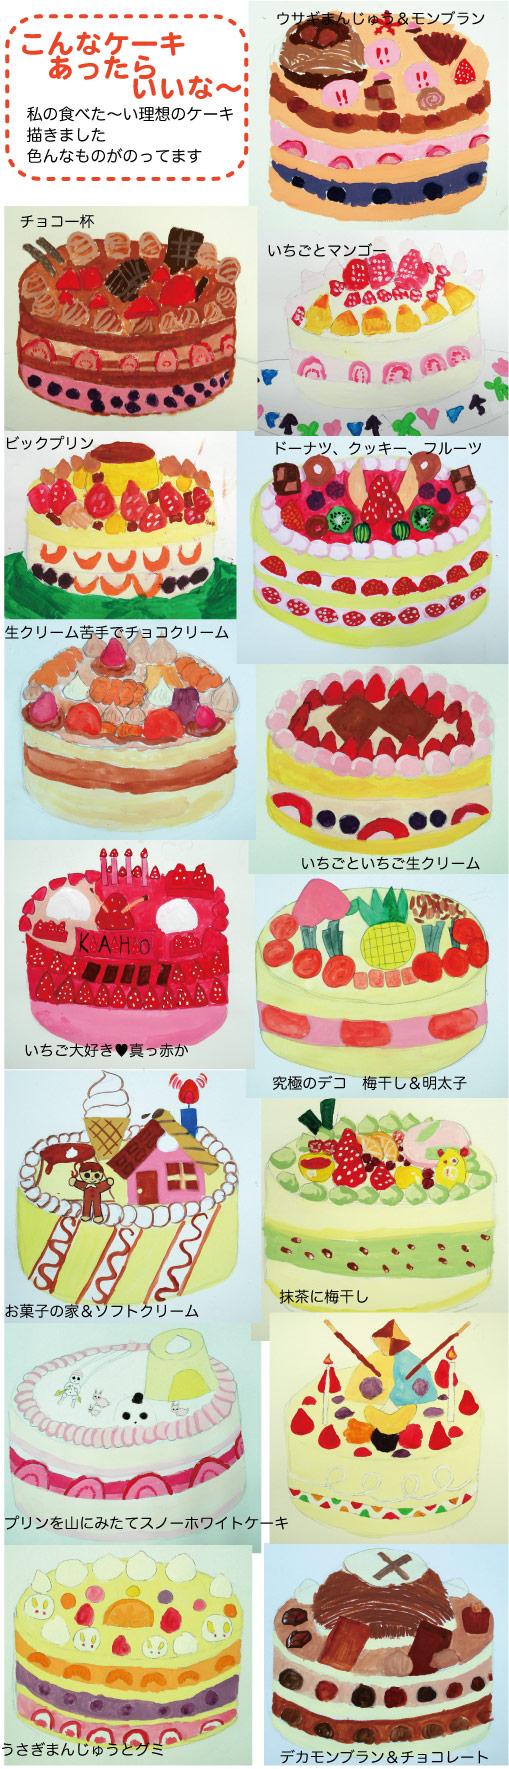 理想のケーキ